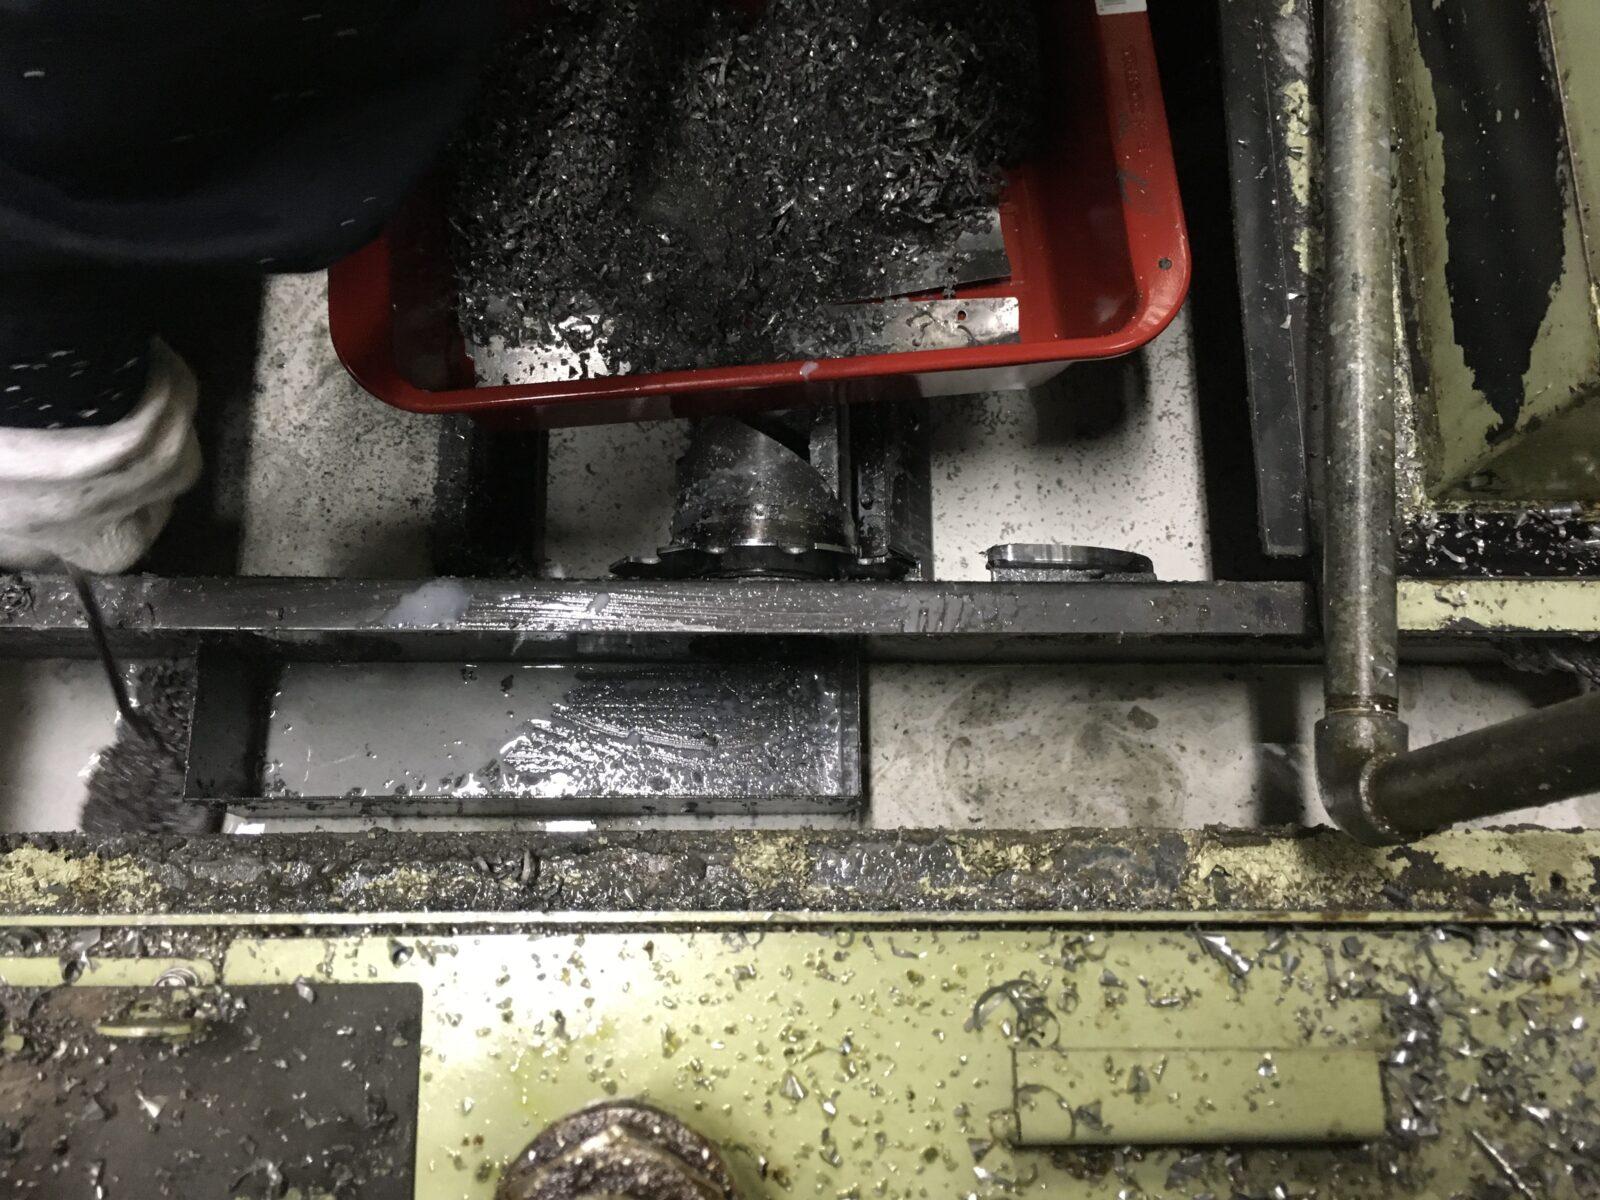 クリーンタンクに入り込んだ切粉を取り除く様子